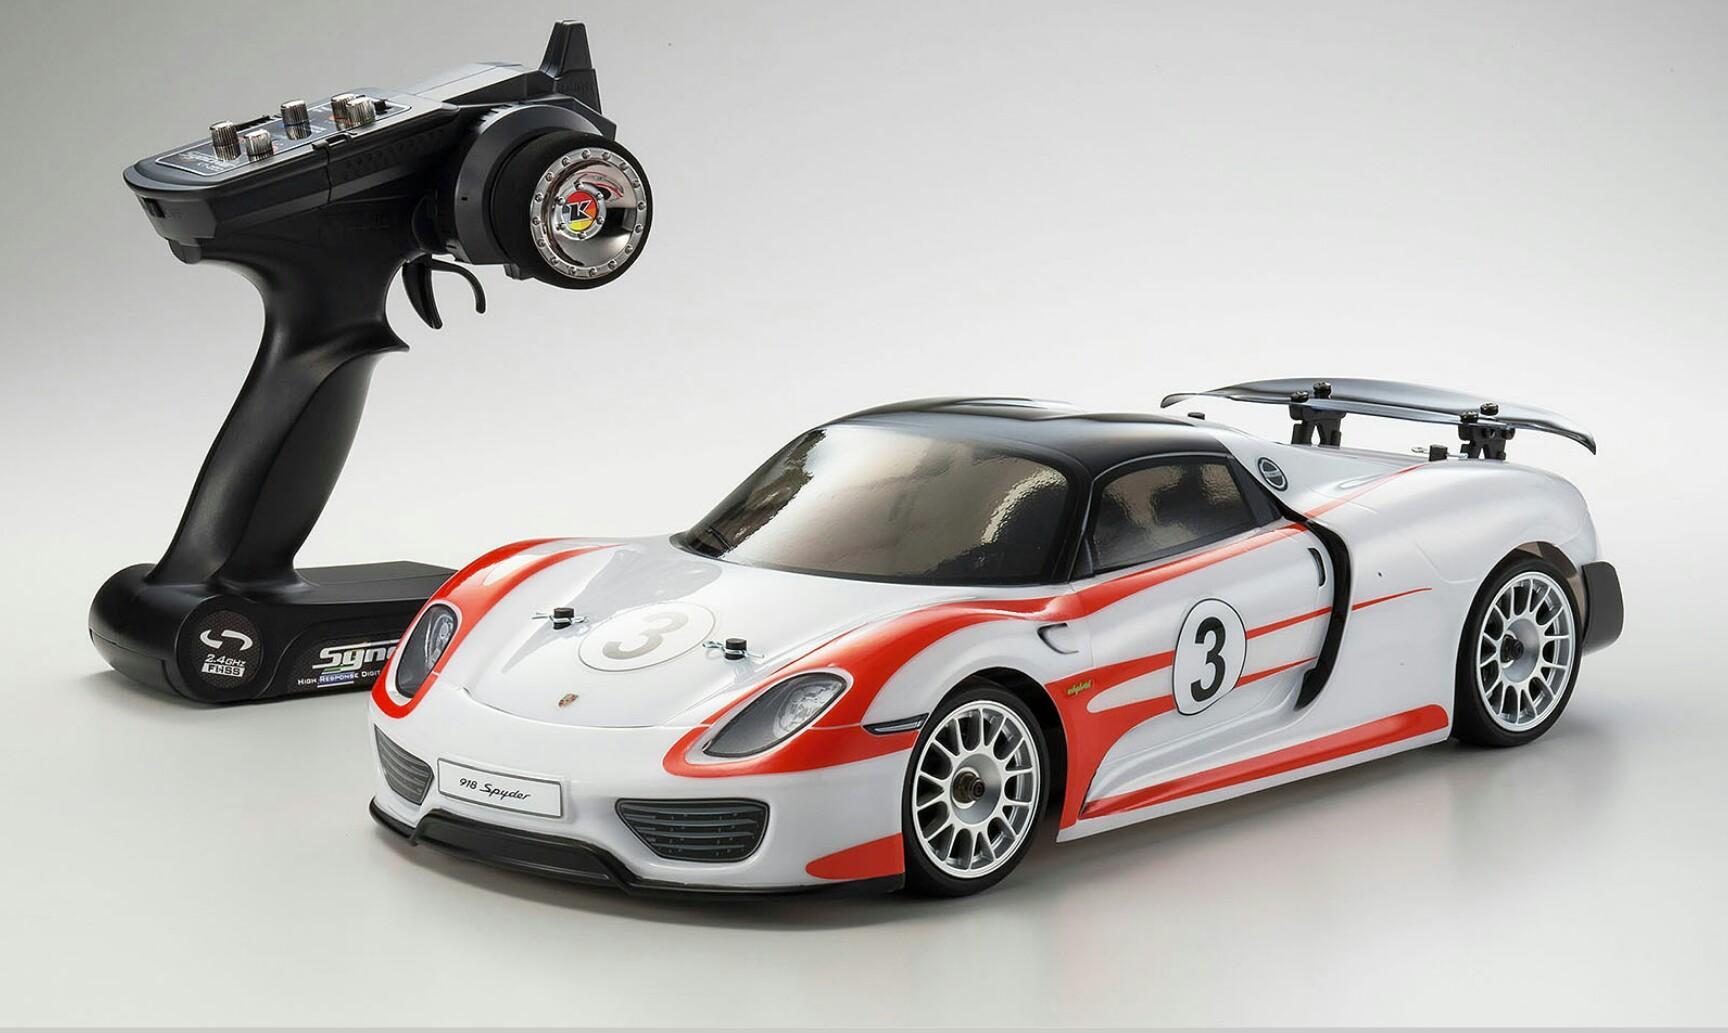 Voiture radiocommandée Kyosho Fazer Porsche 918 Spyder 4WD 1:10 RTR